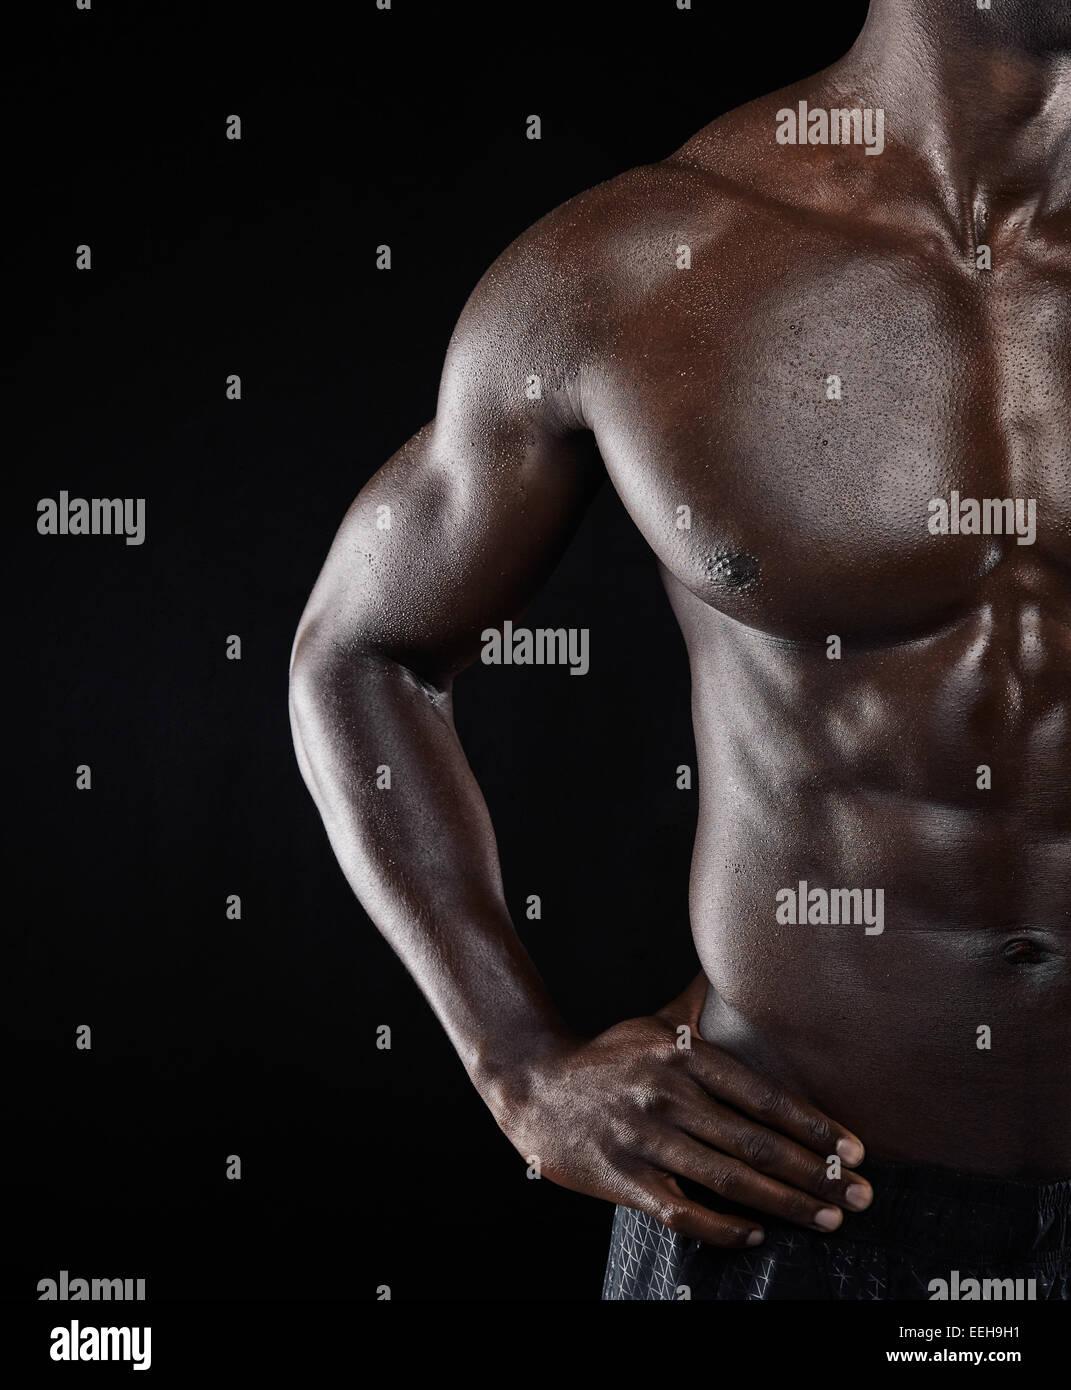 Nahaufnahme der jungen afrikanischen muskulöser Mann Körper vor schwarzem Hintergrund. Nackter Oberkörper Stockbild